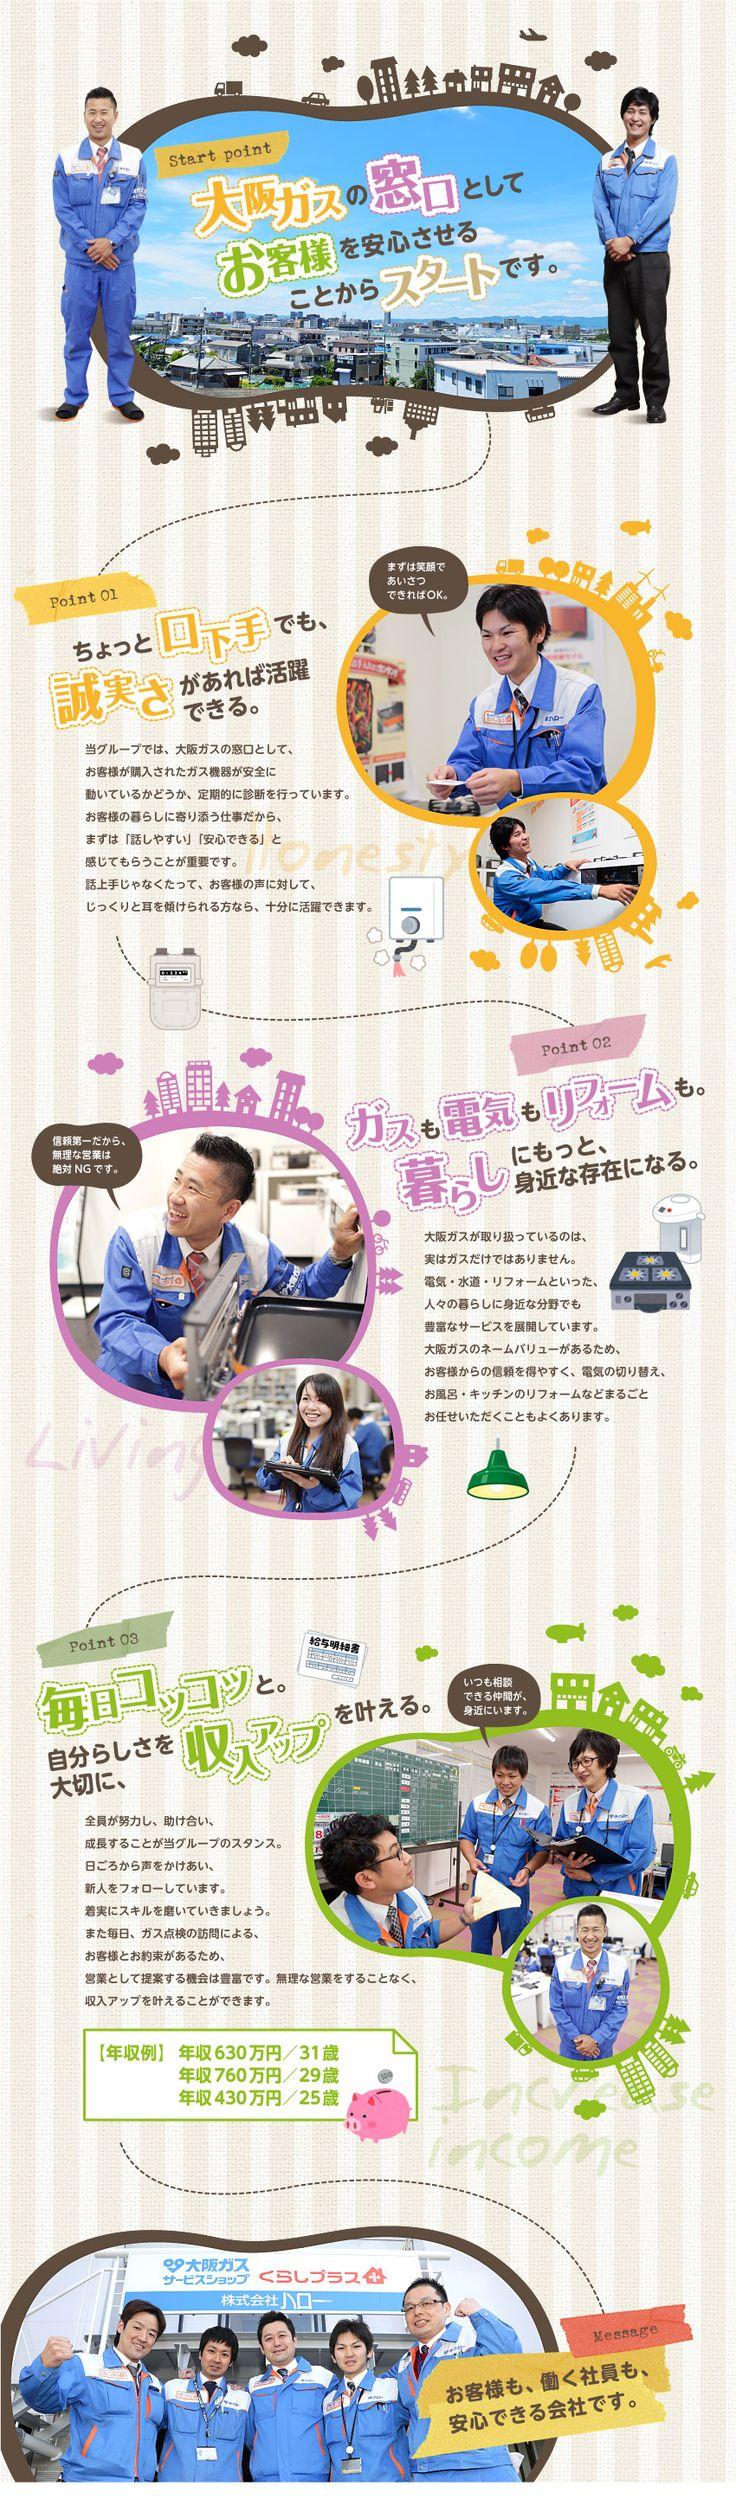 株式会社ハロー/リヴィックスグループ合同募集(大阪ガスサービスショップくらしプラス)/「大阪ガス」のサービスを提供する、ルート営業(未経験歓迎/転勤なし)の求人PR - 転職ならDODA(デューダ)